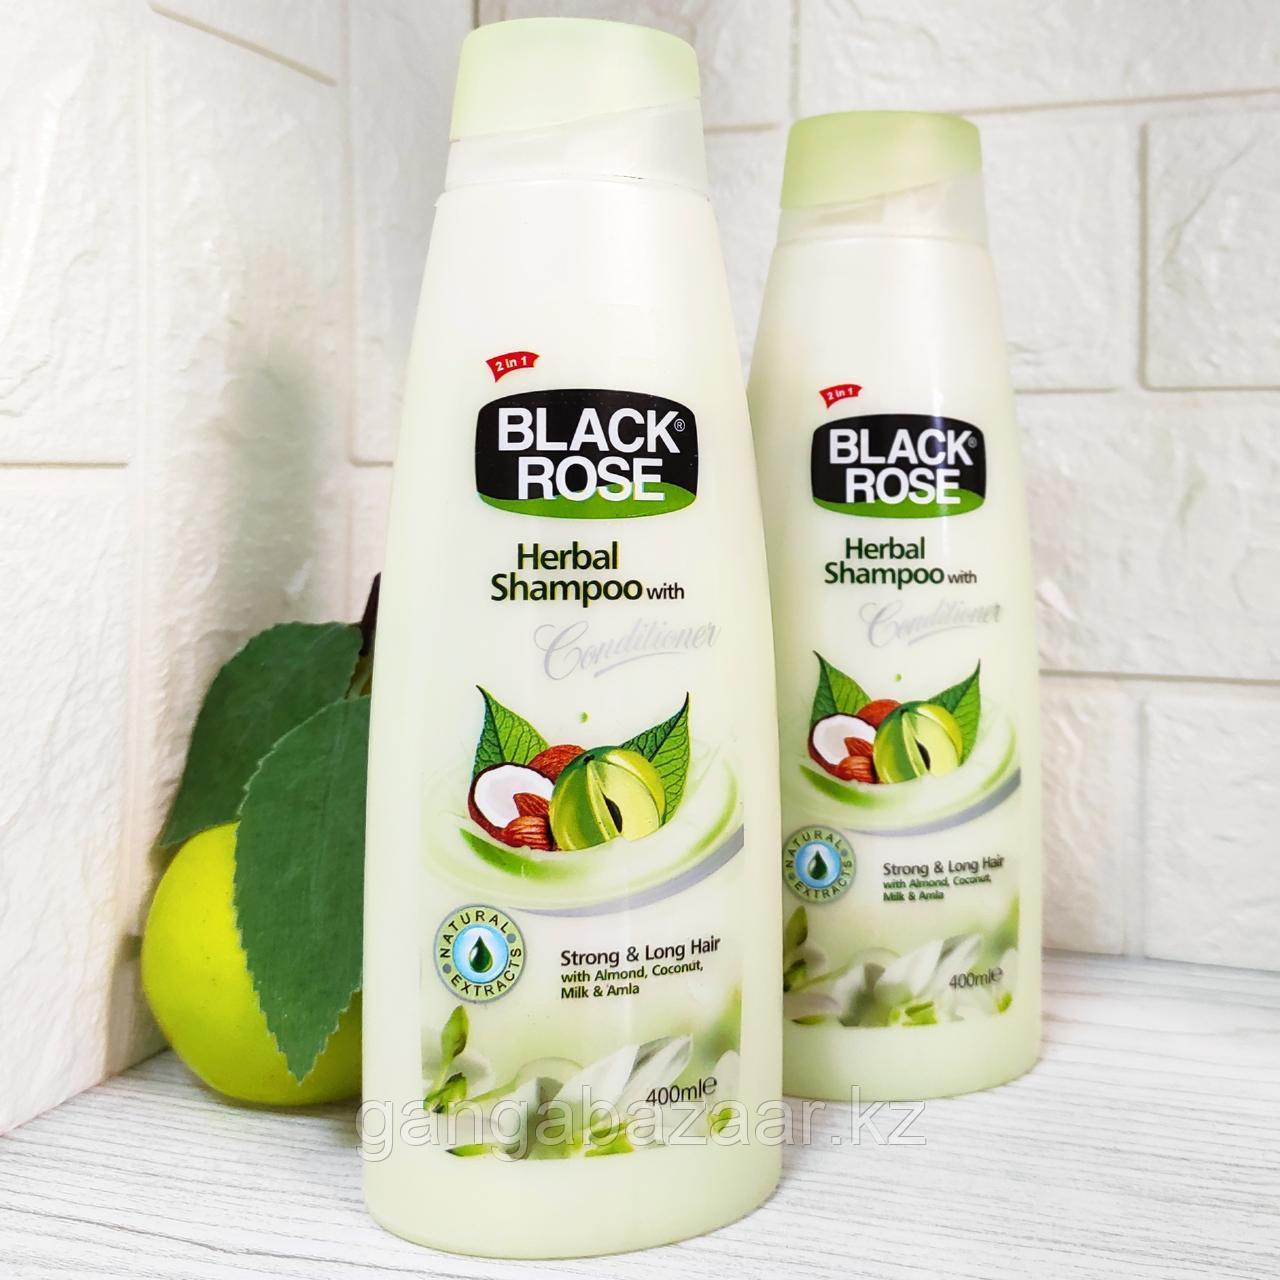 Шампунь травяной Black Rose c экстрактами миндаля, кокоса, амлы и молочными протеинами, 400 мл